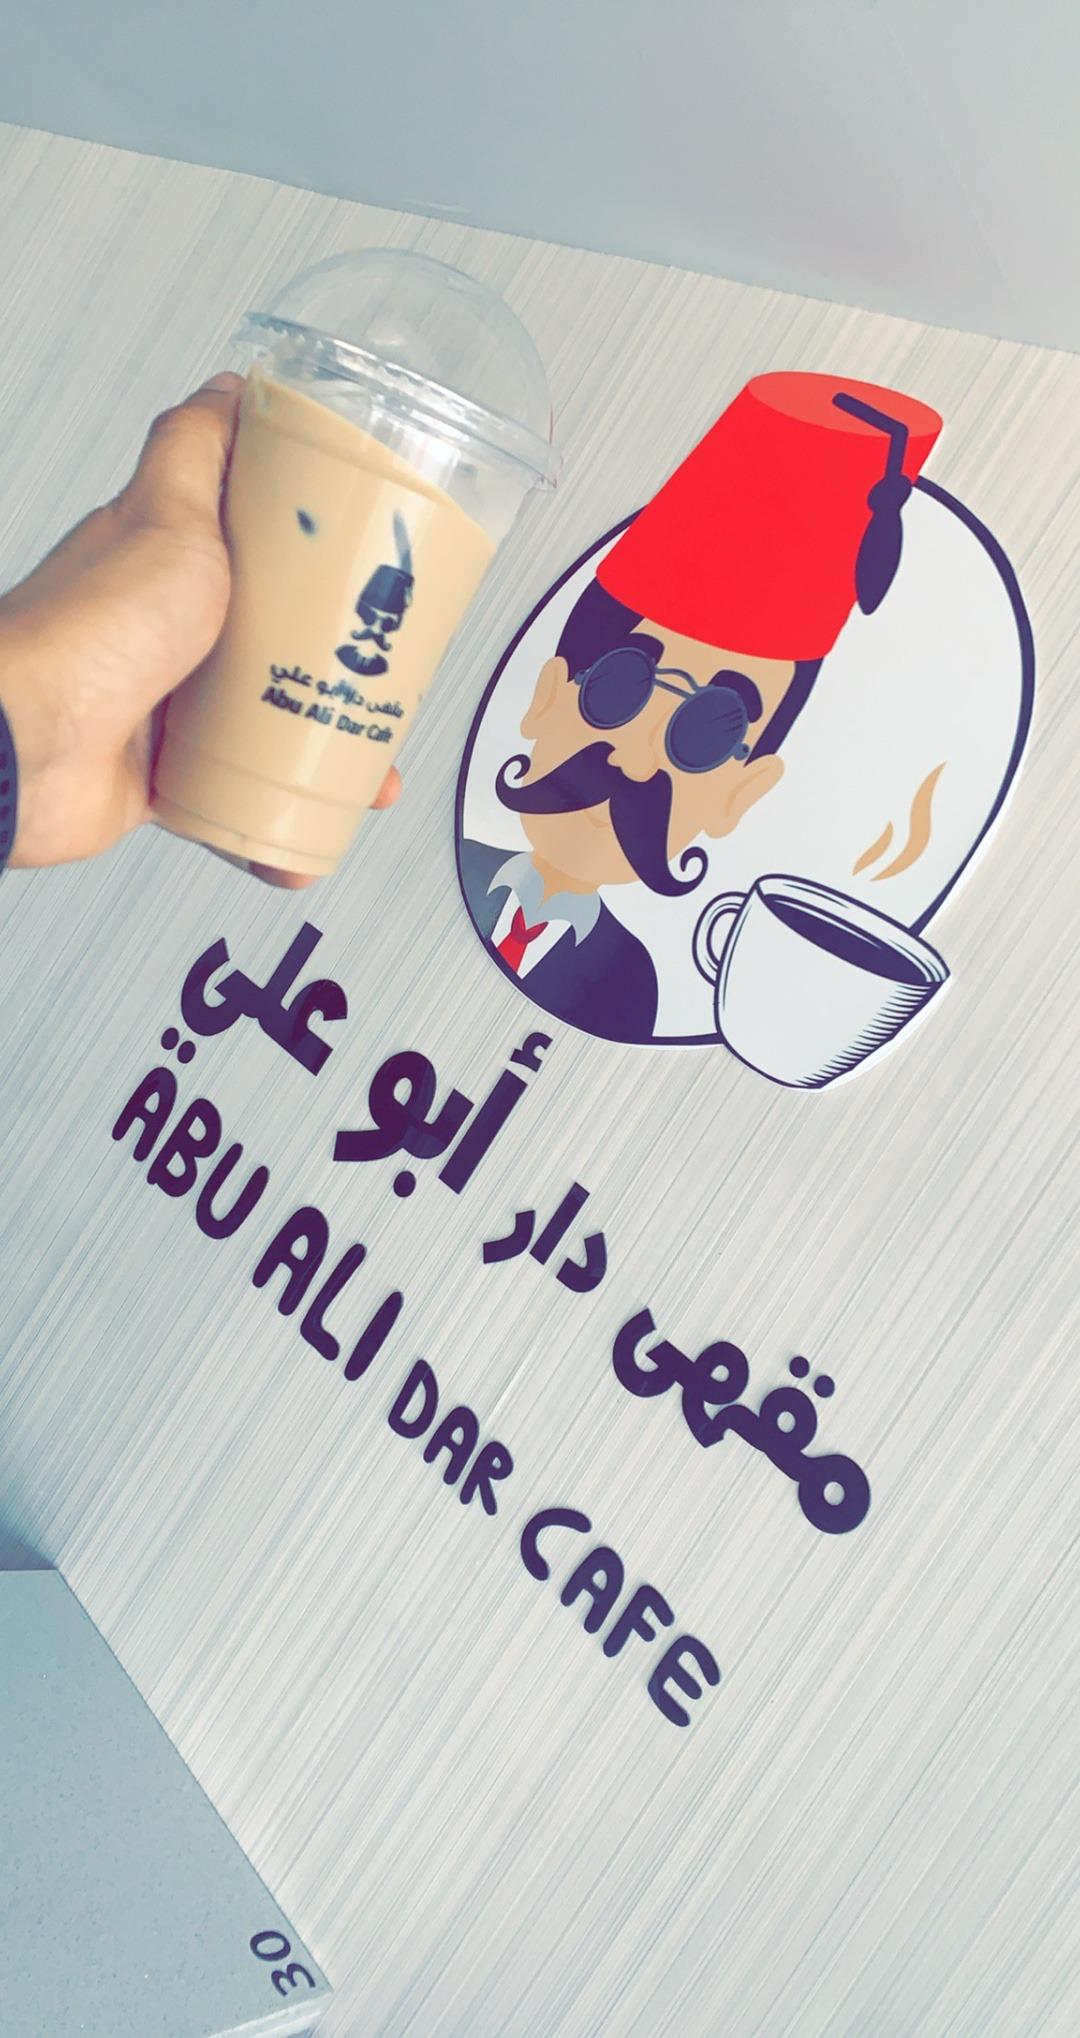 abu ali cafe - Bahrain